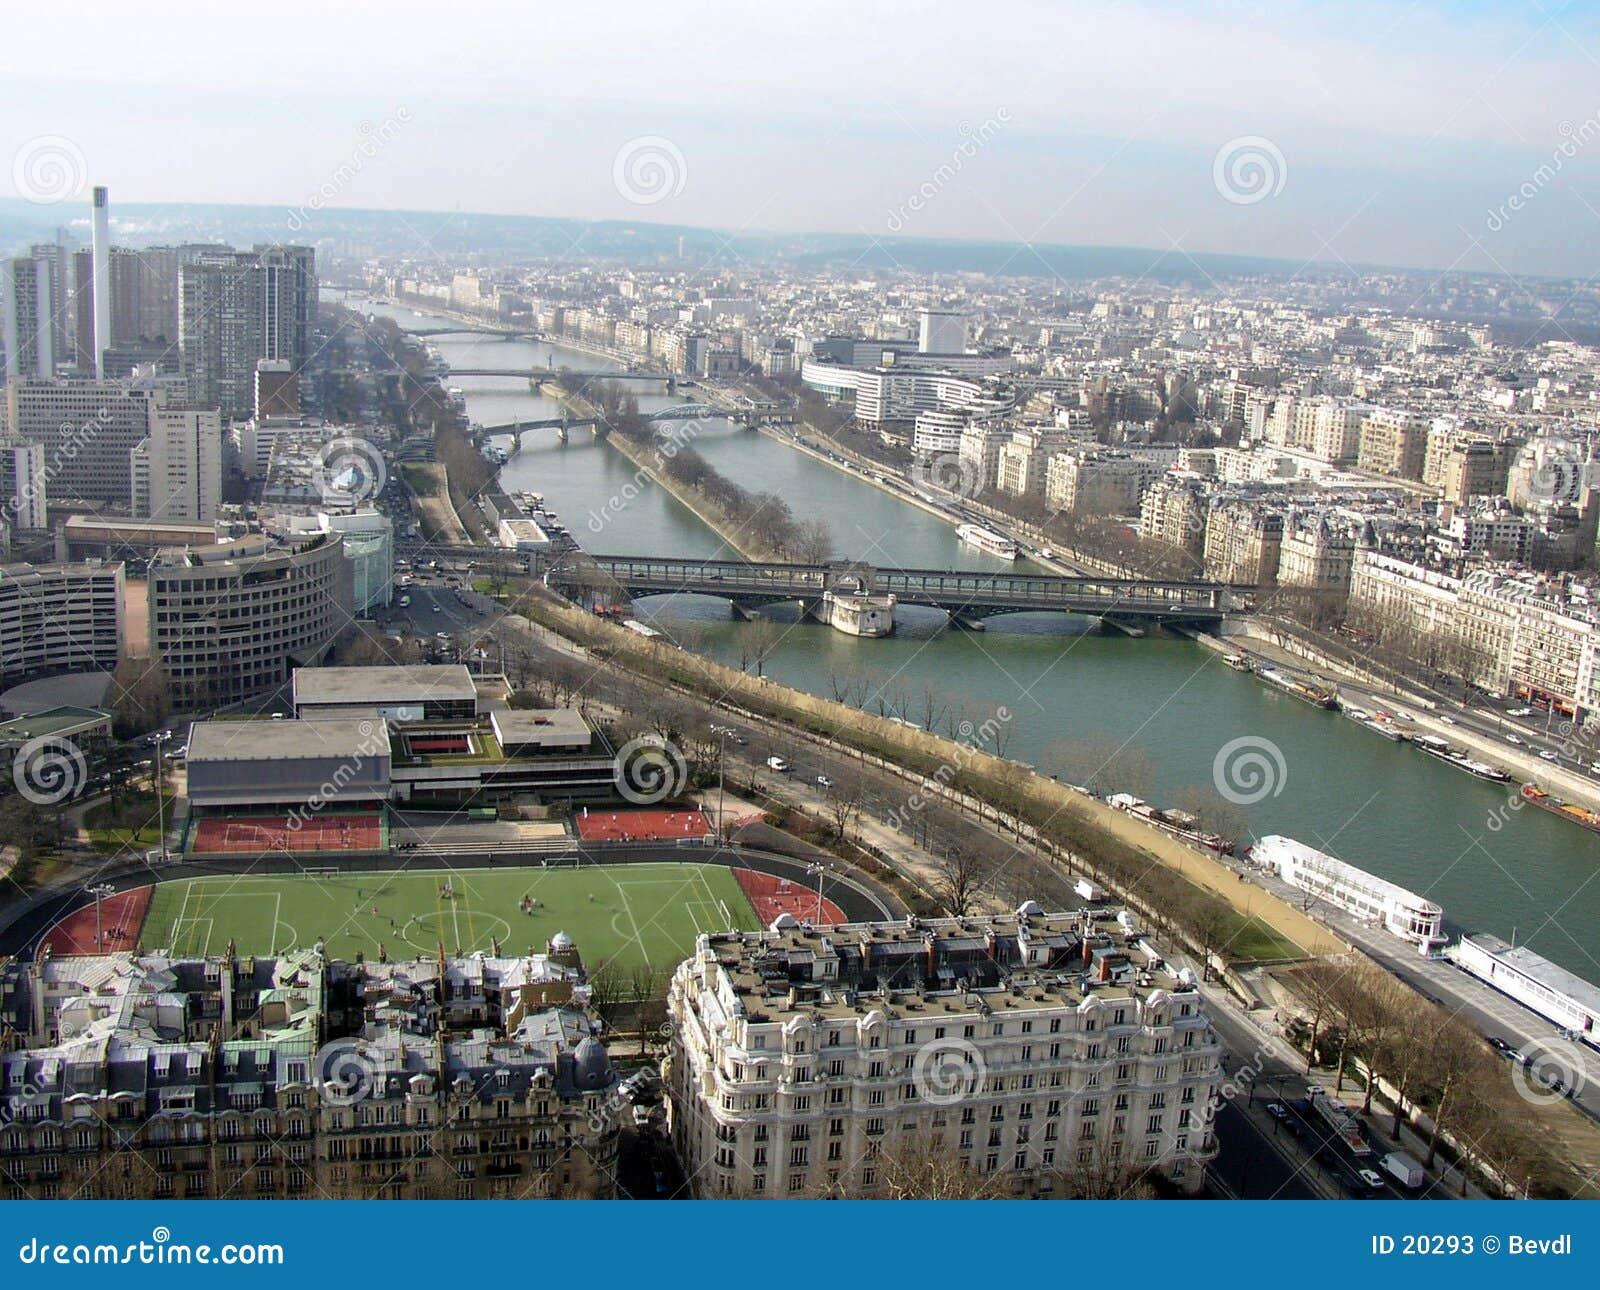 The Bridges of Seine